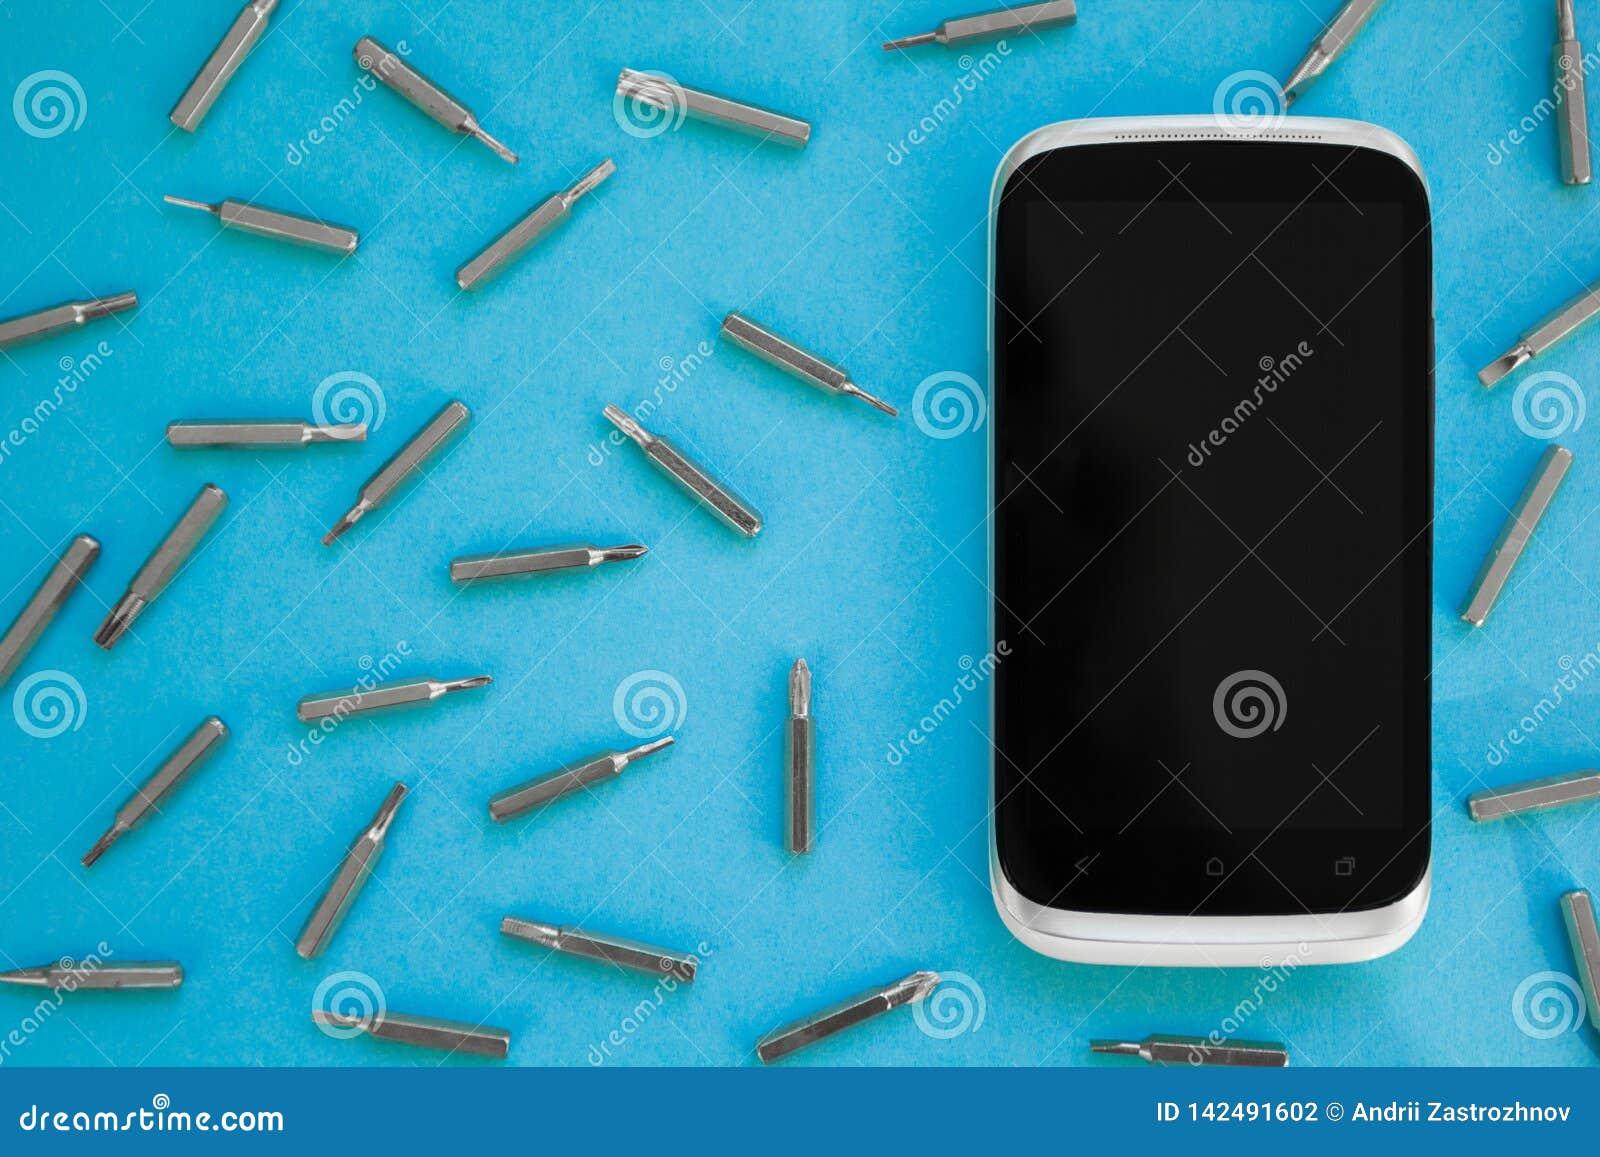 Telefonu komórkowego naprawianie, mieszkanie nieatutowy, odgórny widok, błękitny tło, pojęcie